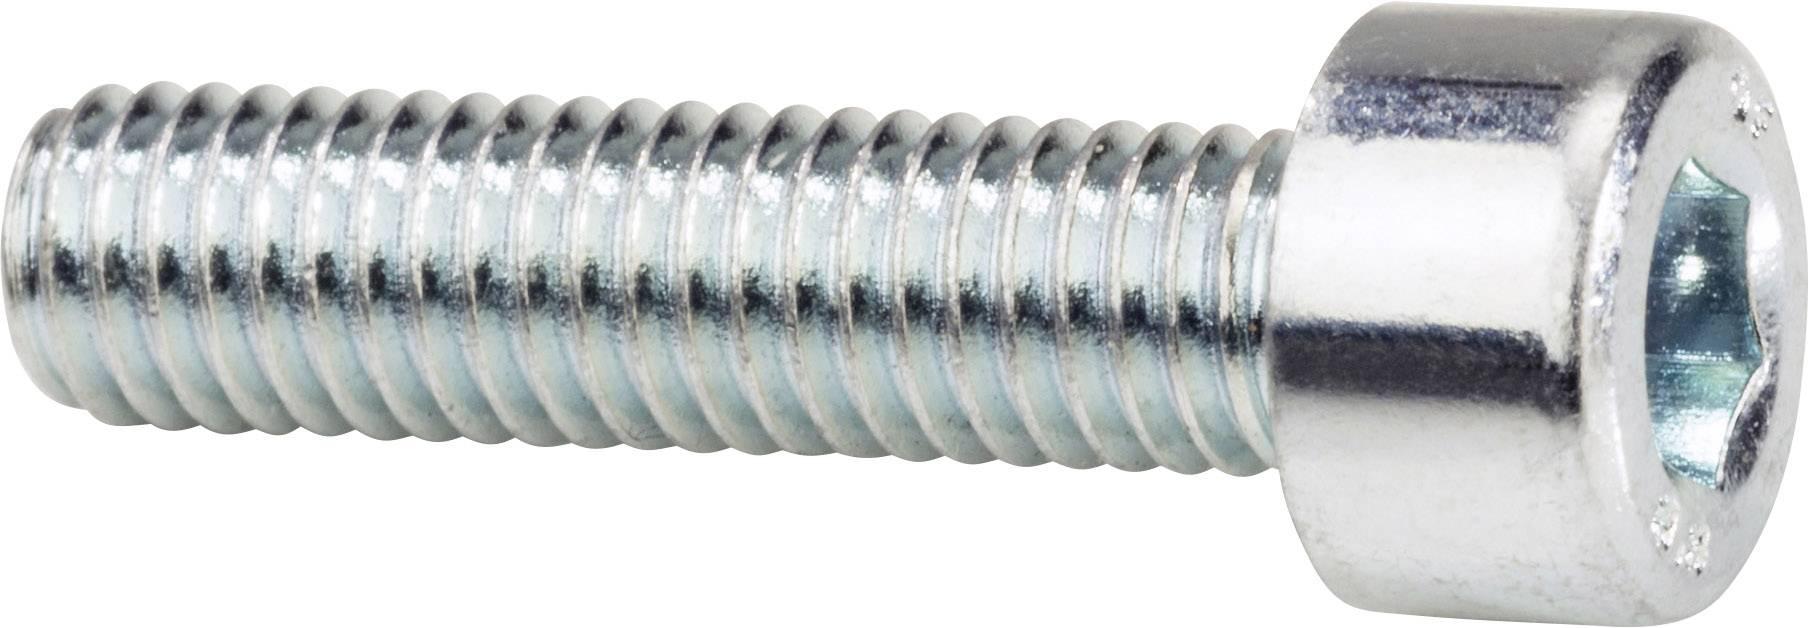 Šrouby s válcovou hlavou 912, 4x16, 100 ks